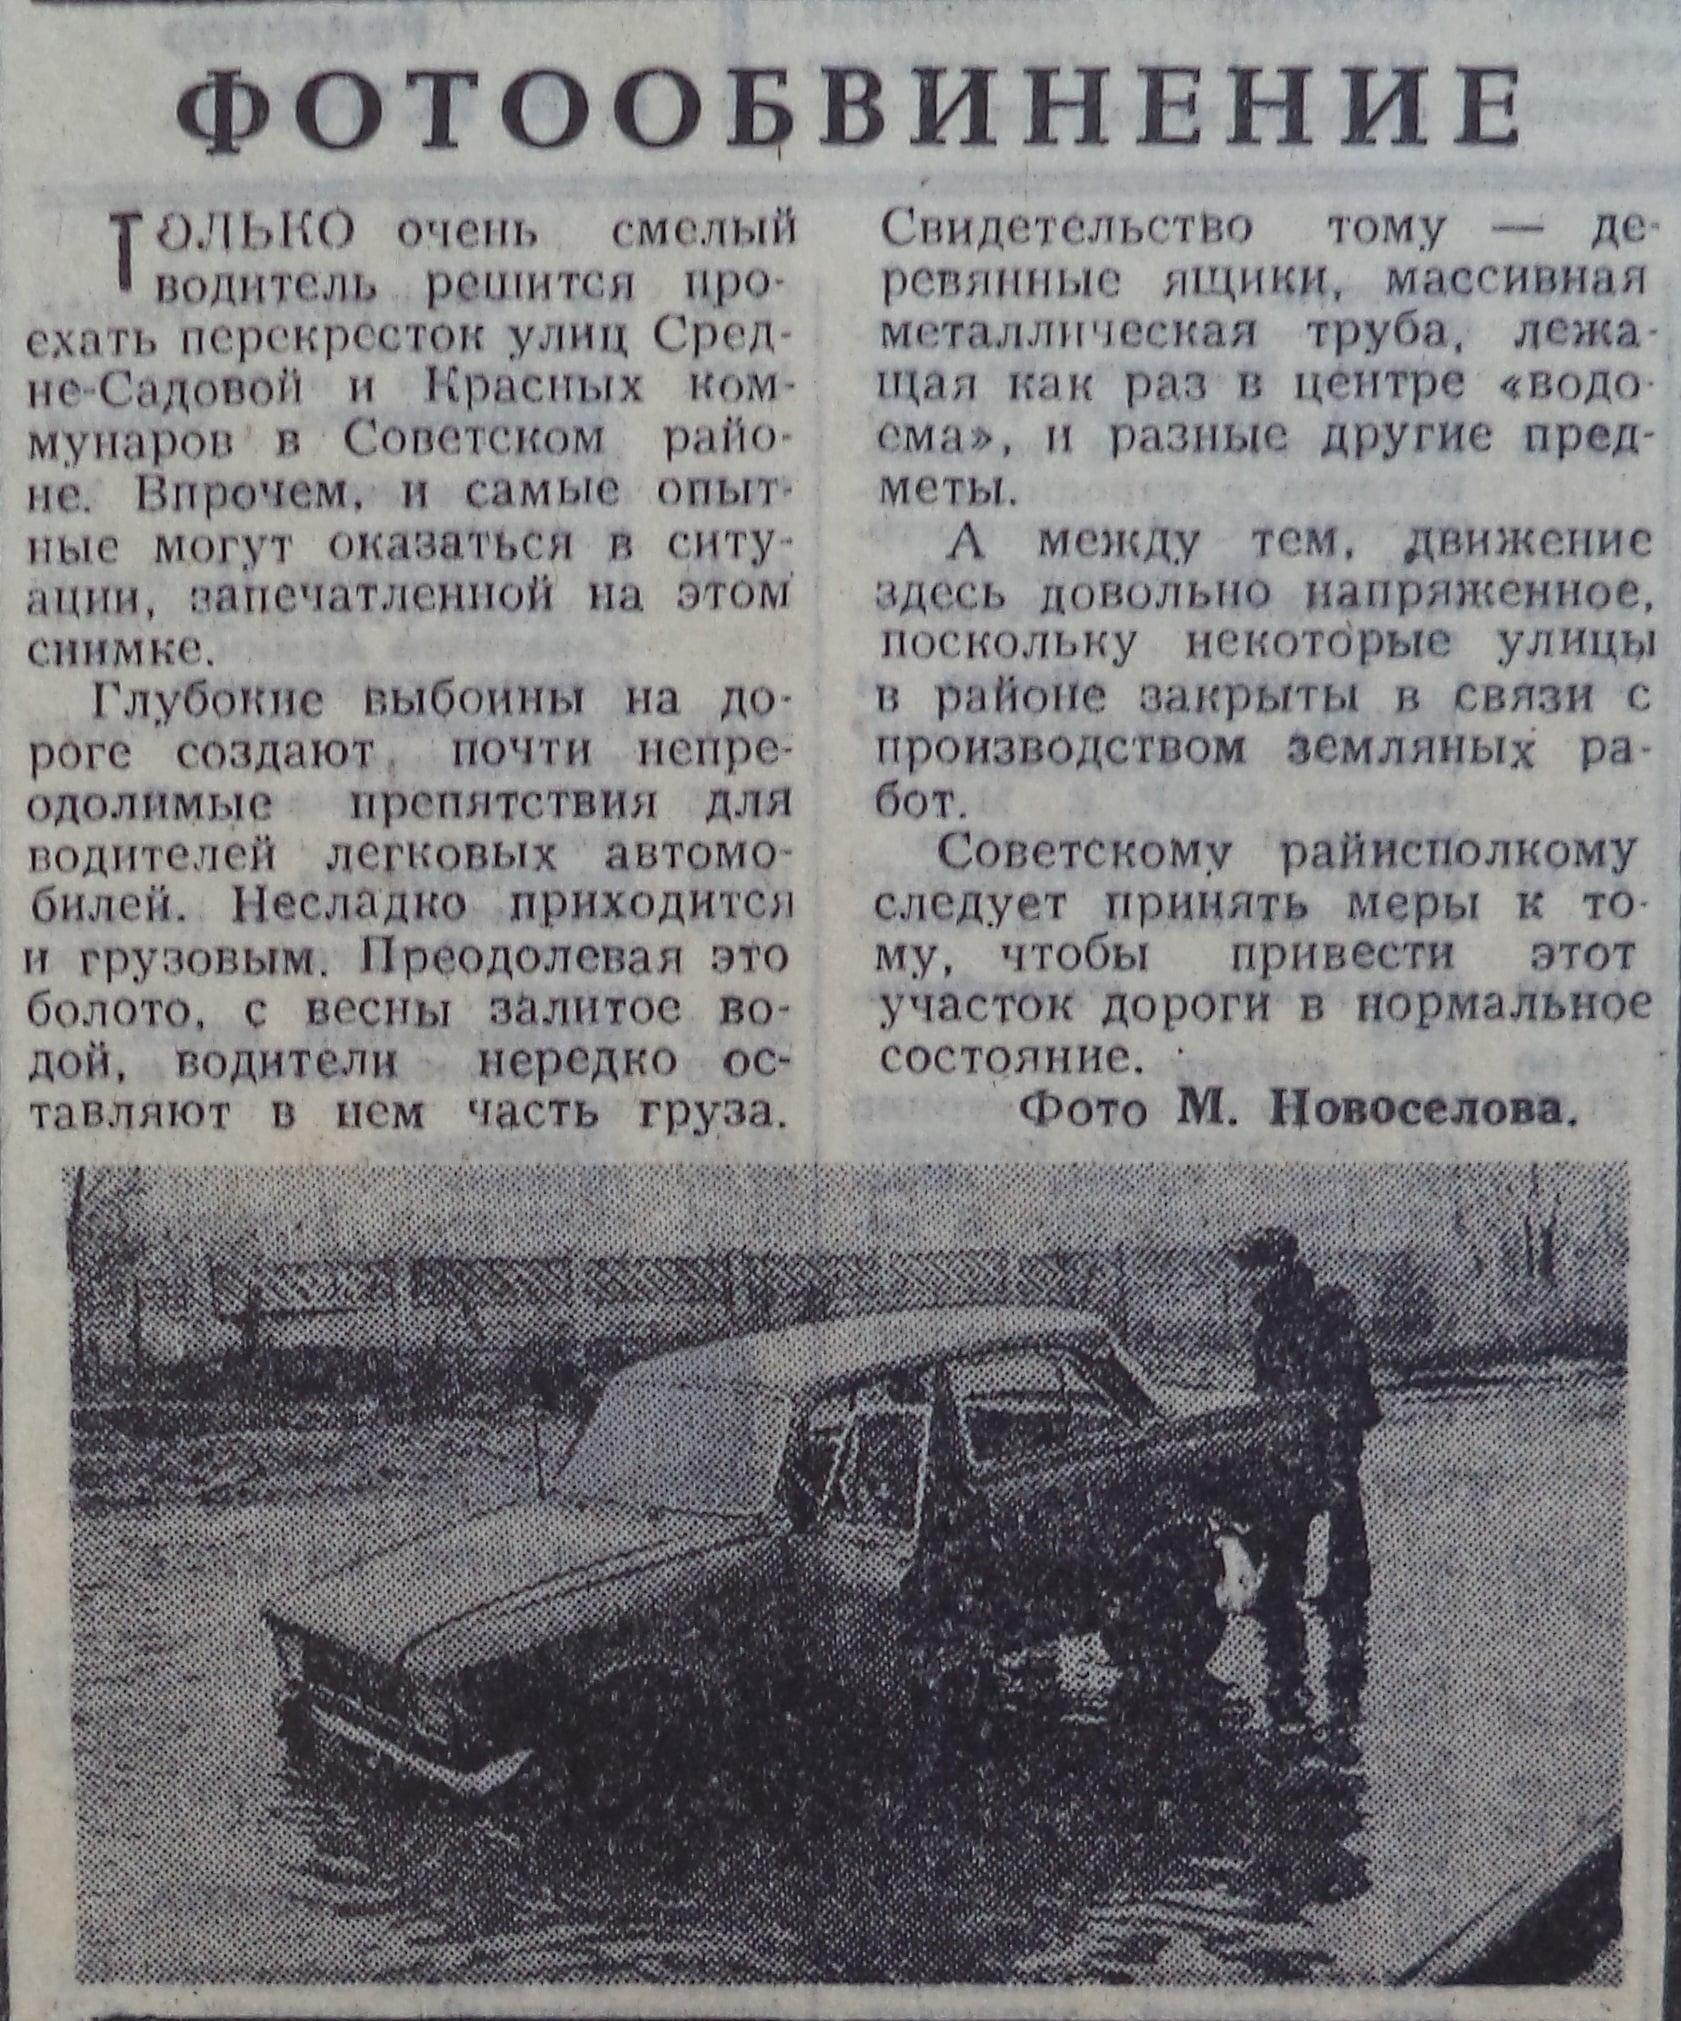 Средне-Садовая-ФОТО-47-ВЗя-1982-12-03-фото со СрСад-КрКом-min